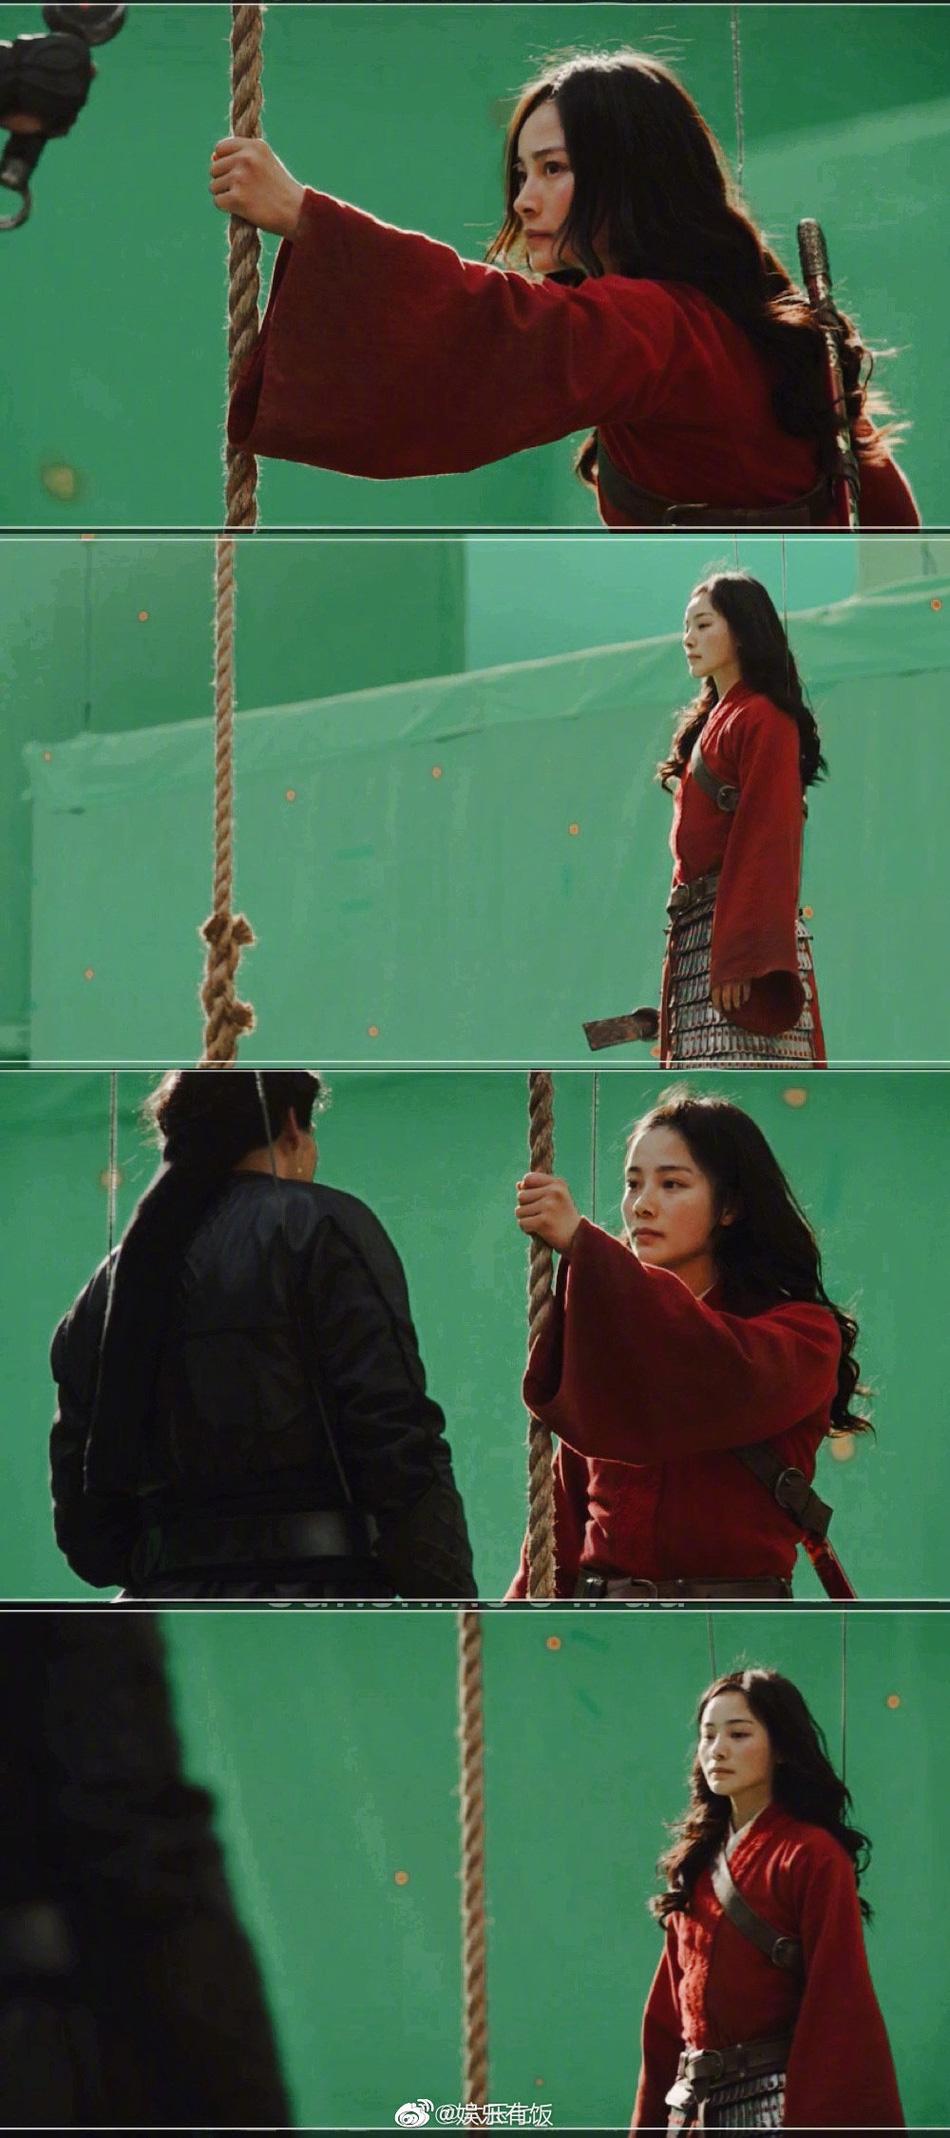 """Mỹ nhân Trung Quốc đóng thế Lưu Diệc Phi trong Mulan xinh đẹp vượt cả """"thần tiên tỷ tỷ"""" gây """"sốt"""" mạng - Ảnh 6."""